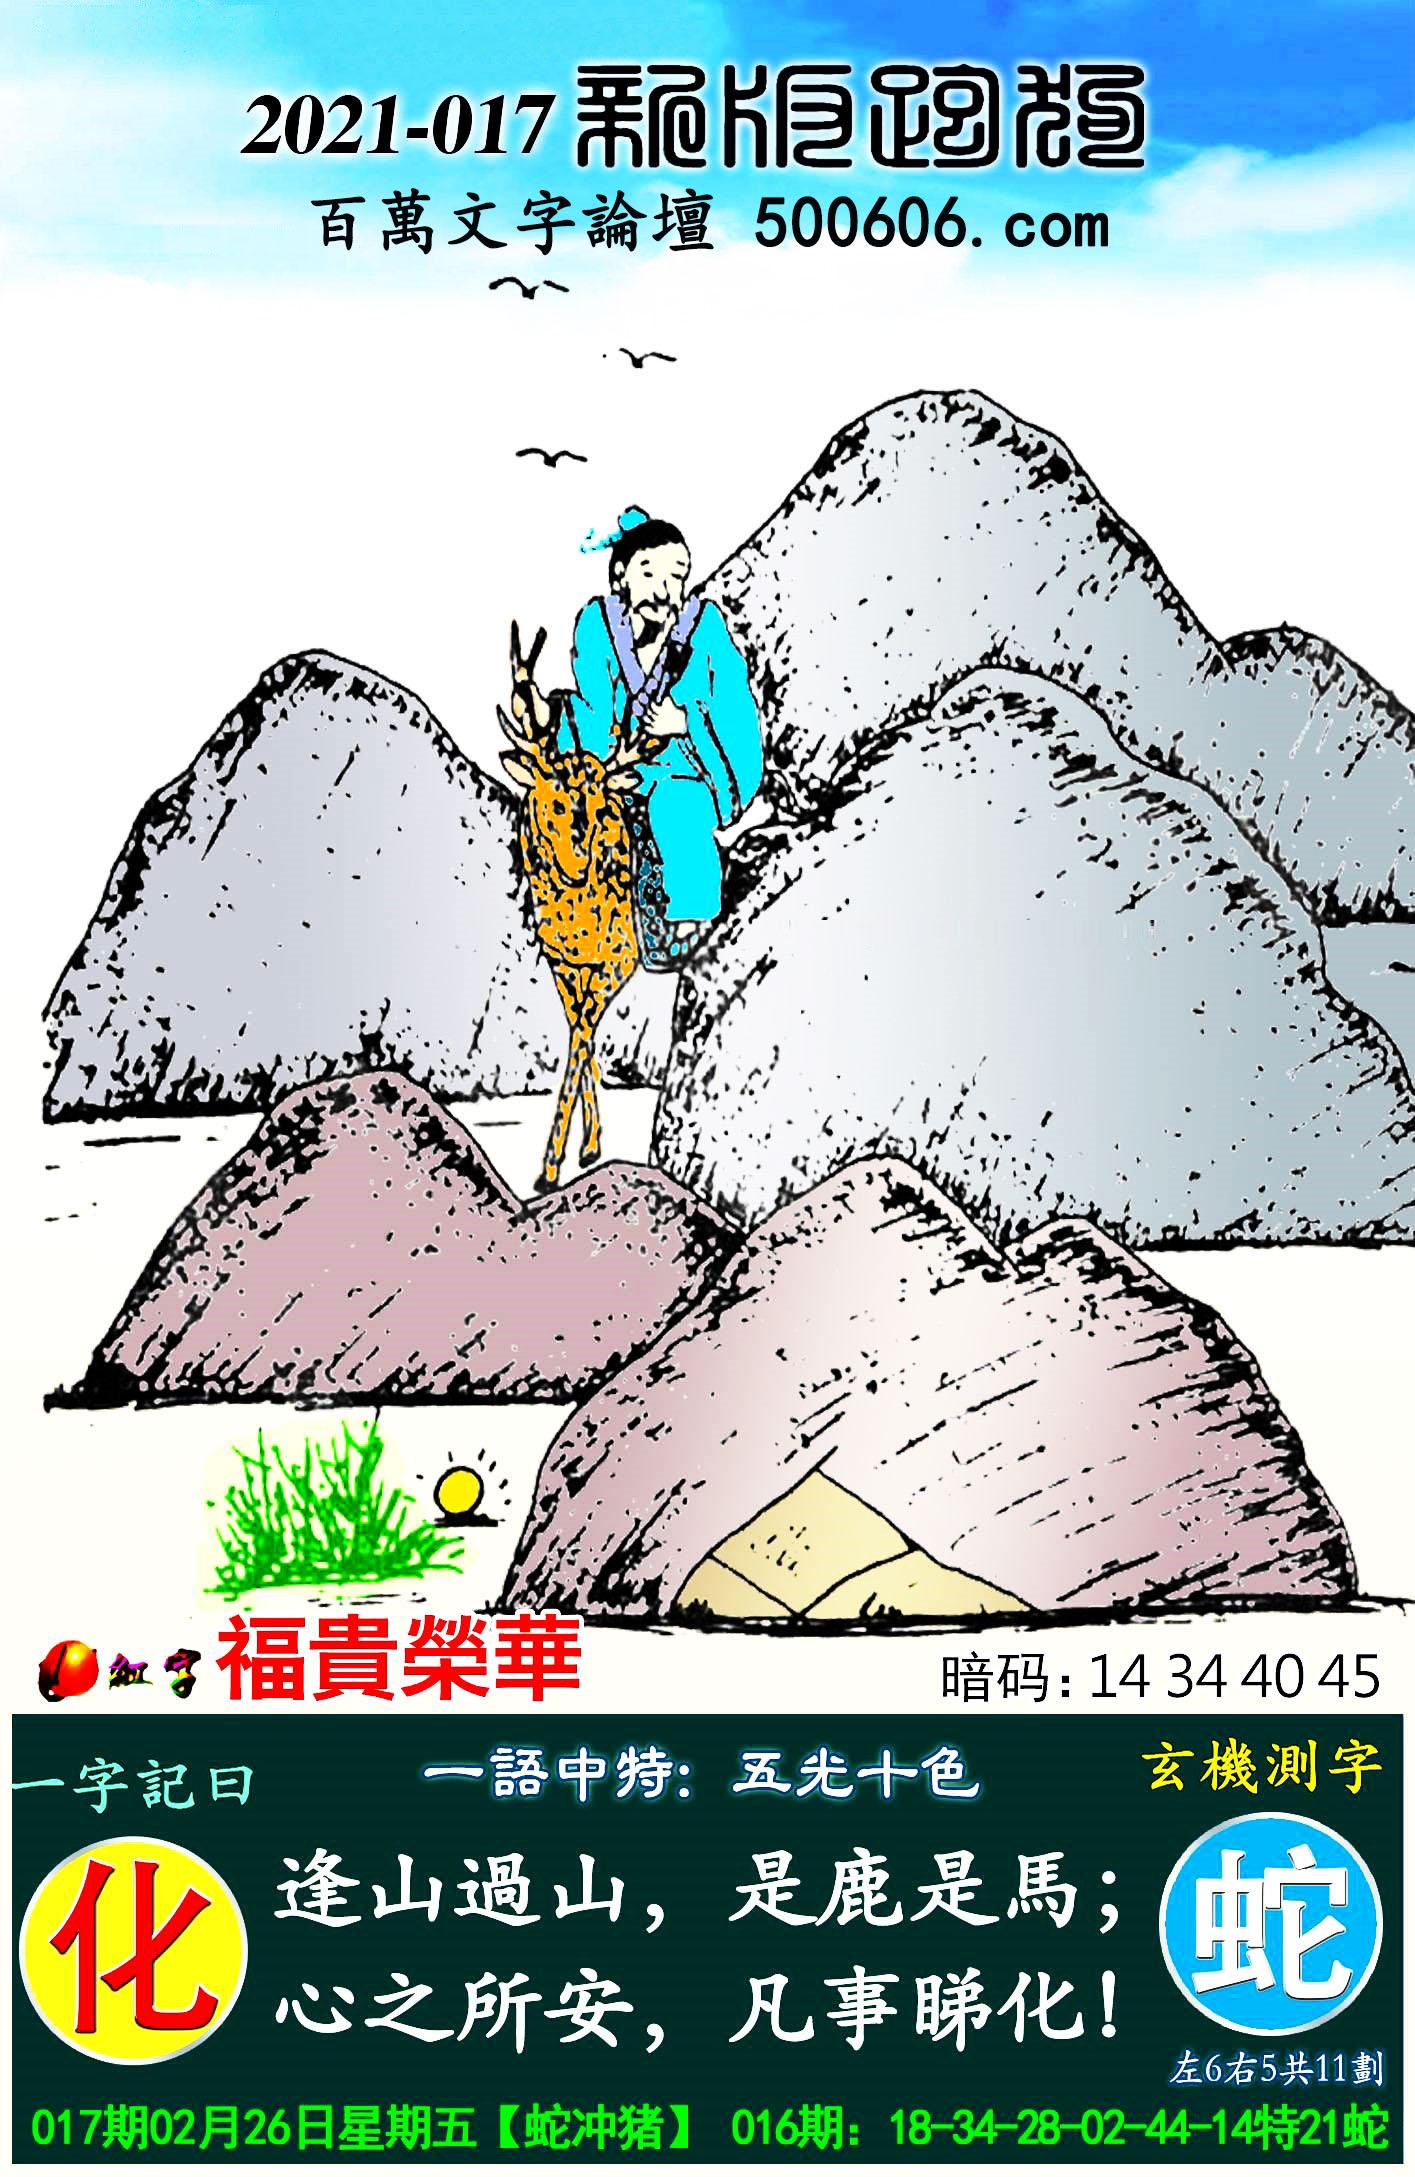 017期跑狗一字�之曰:【化】 逢山�^山,是鹿是�R?心之所安,凡事睇化